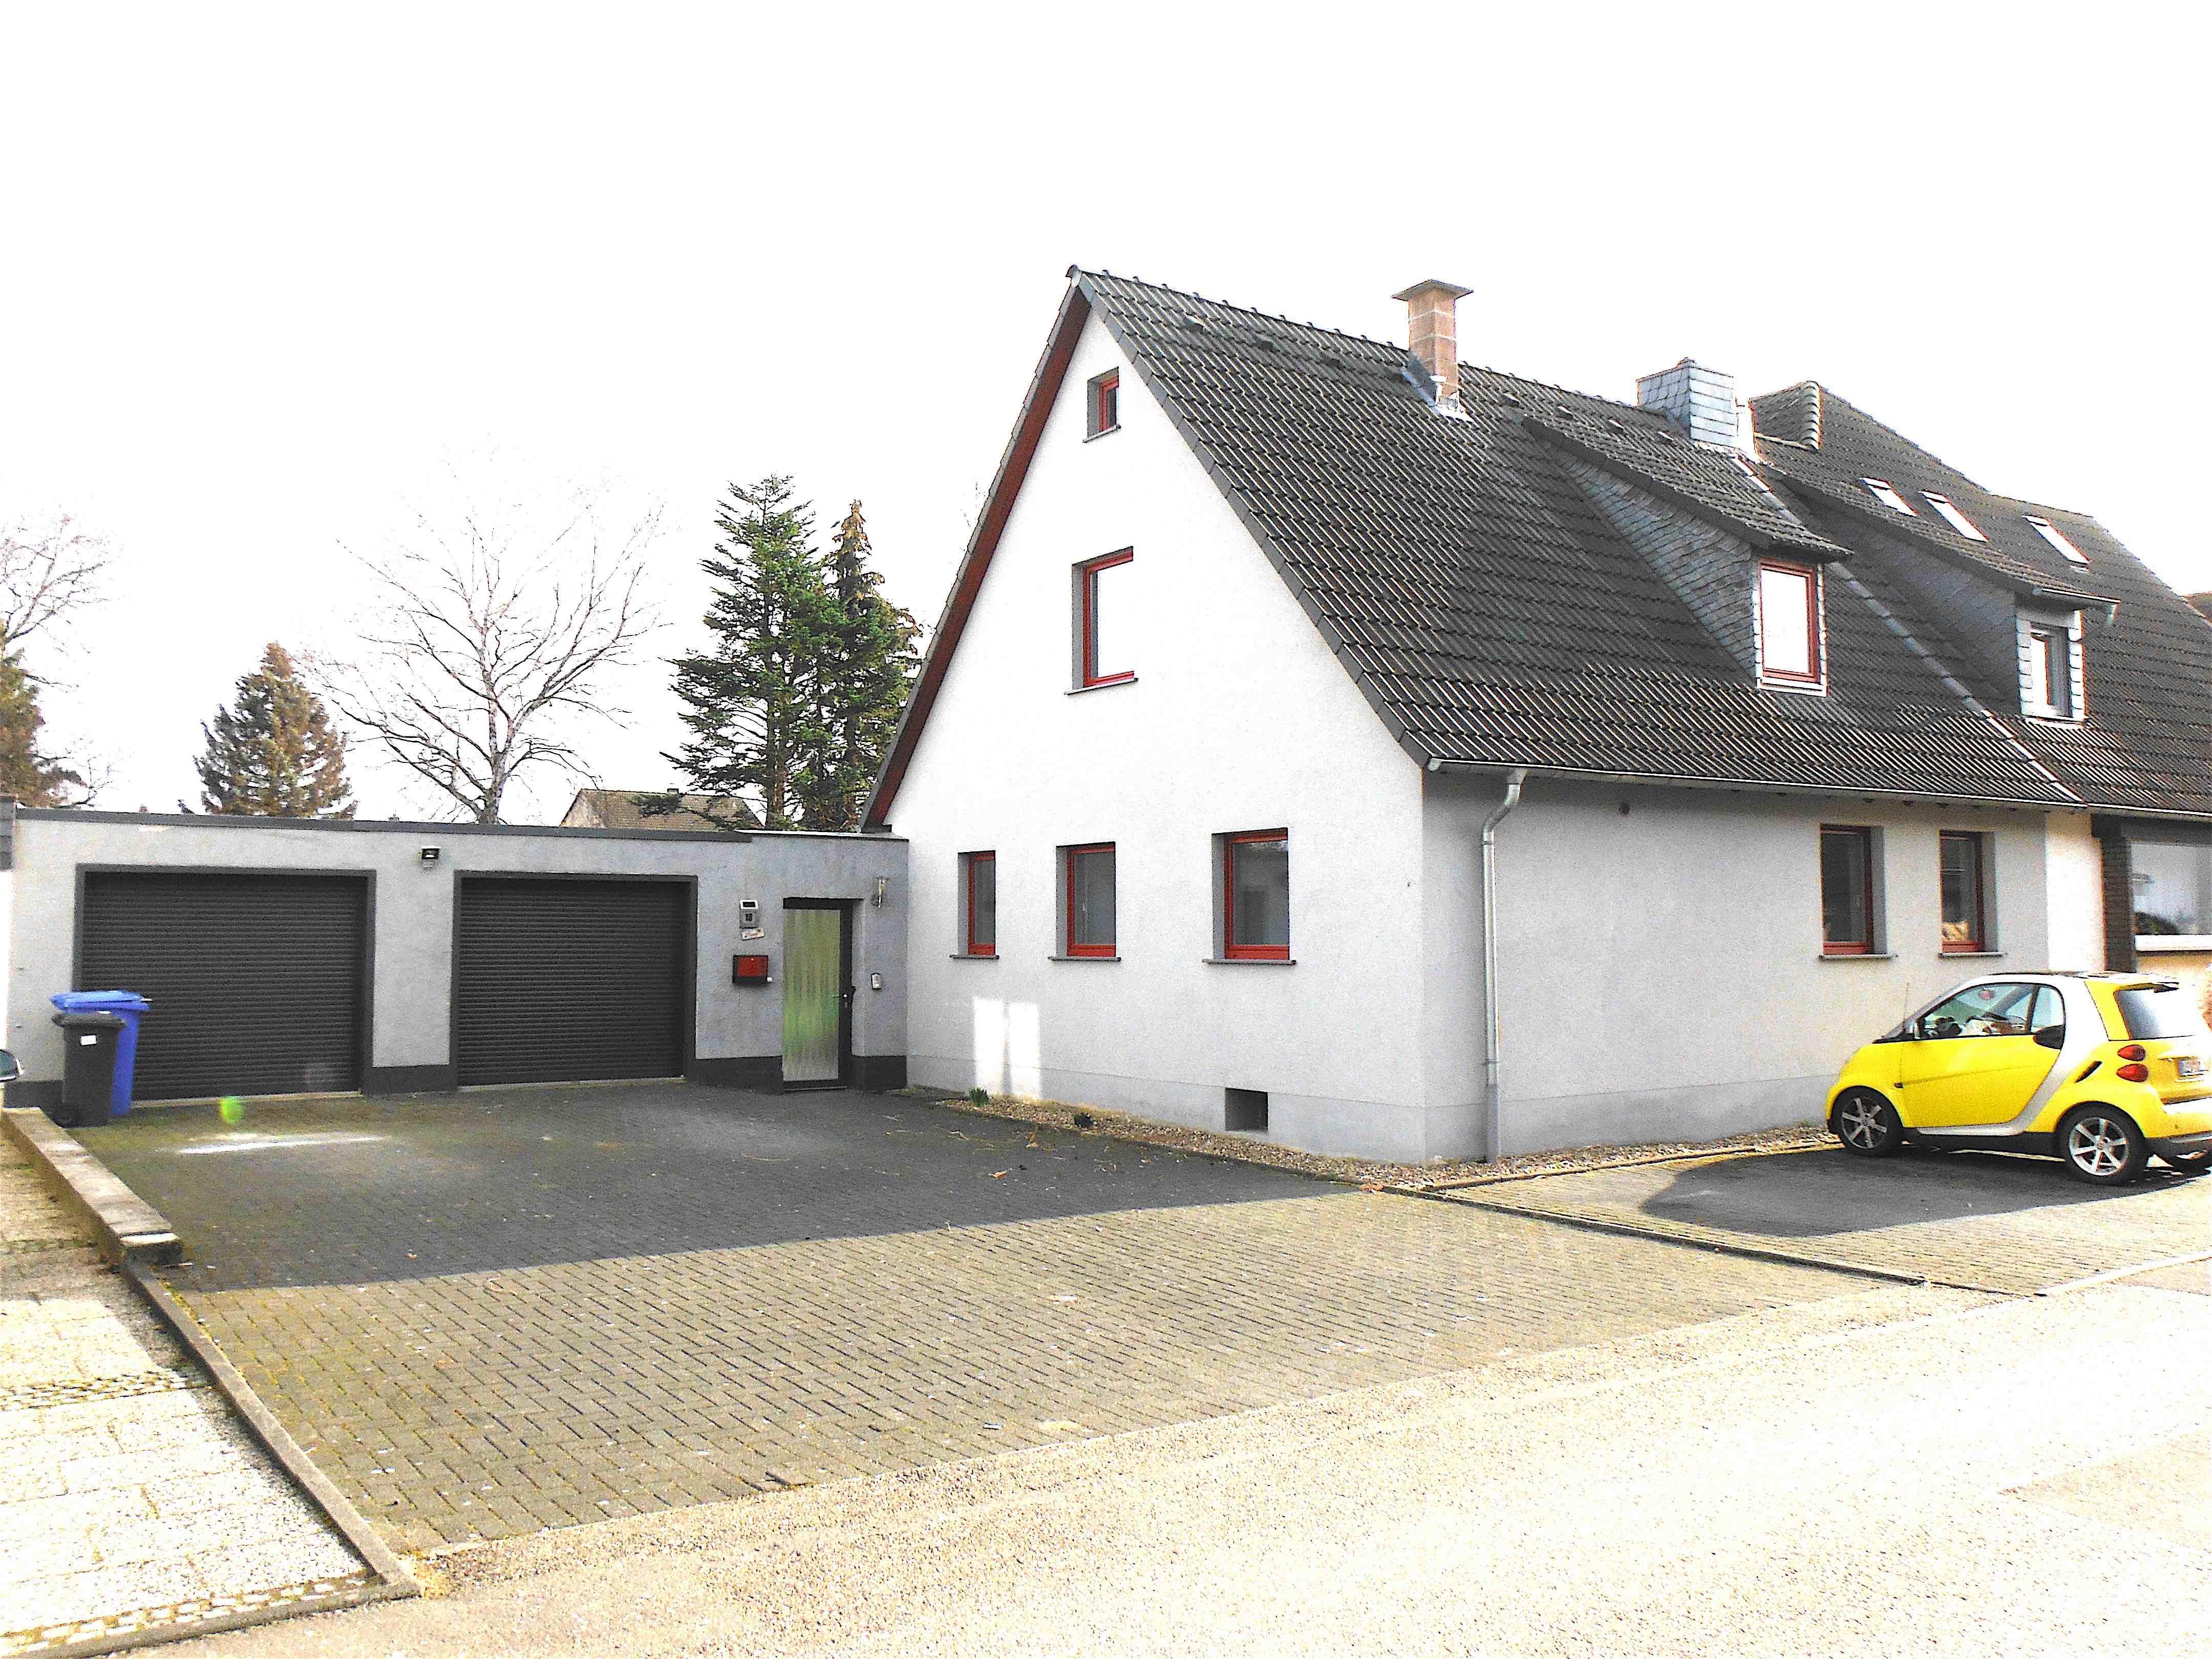 51371 Leverkusen-Hitdorf, EFH BJ 1955